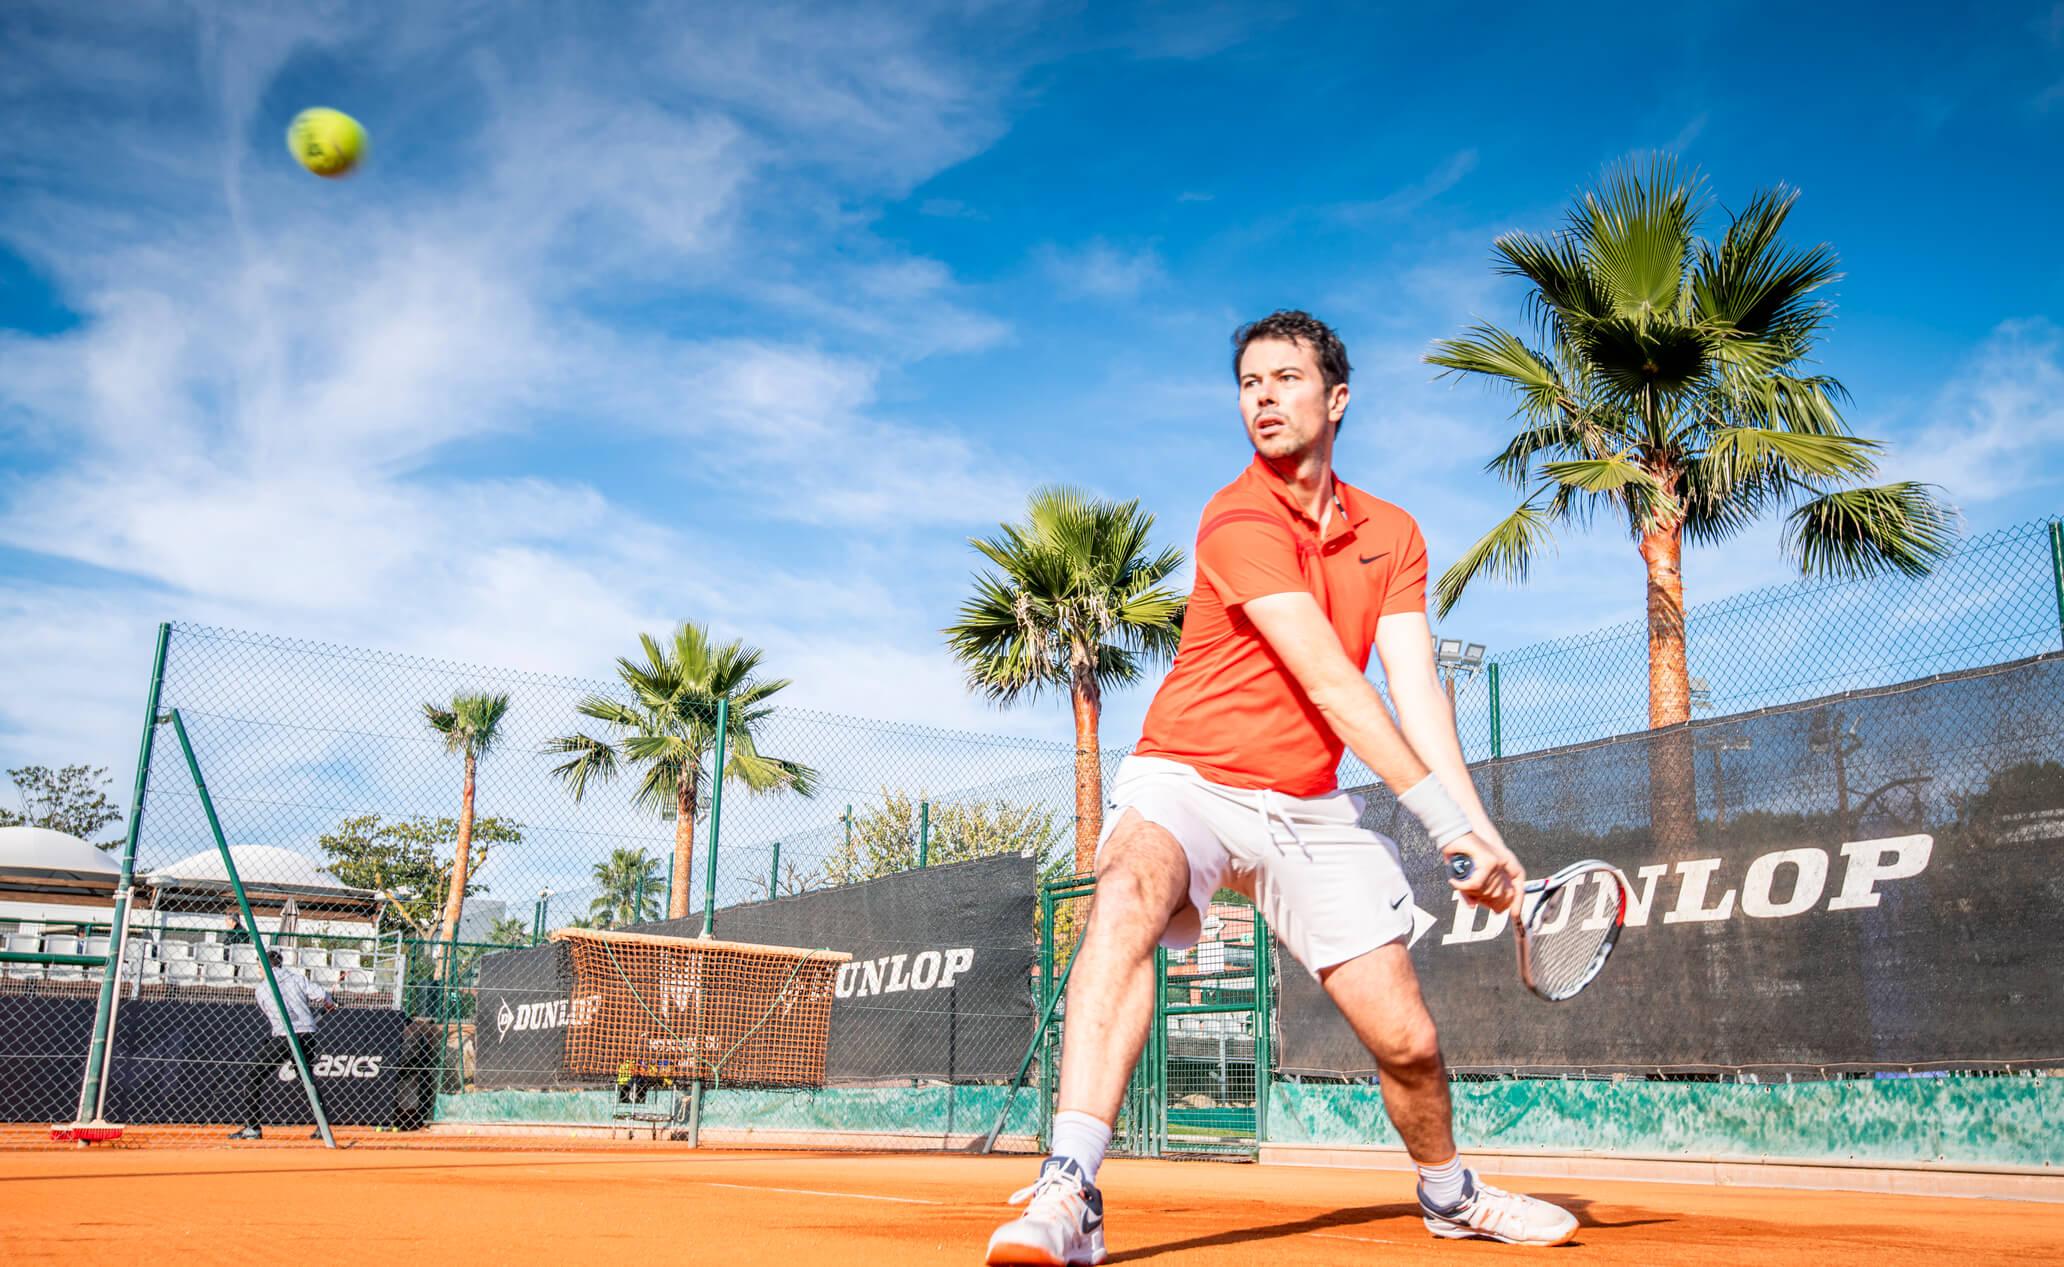 entrainement-tennis-adulte